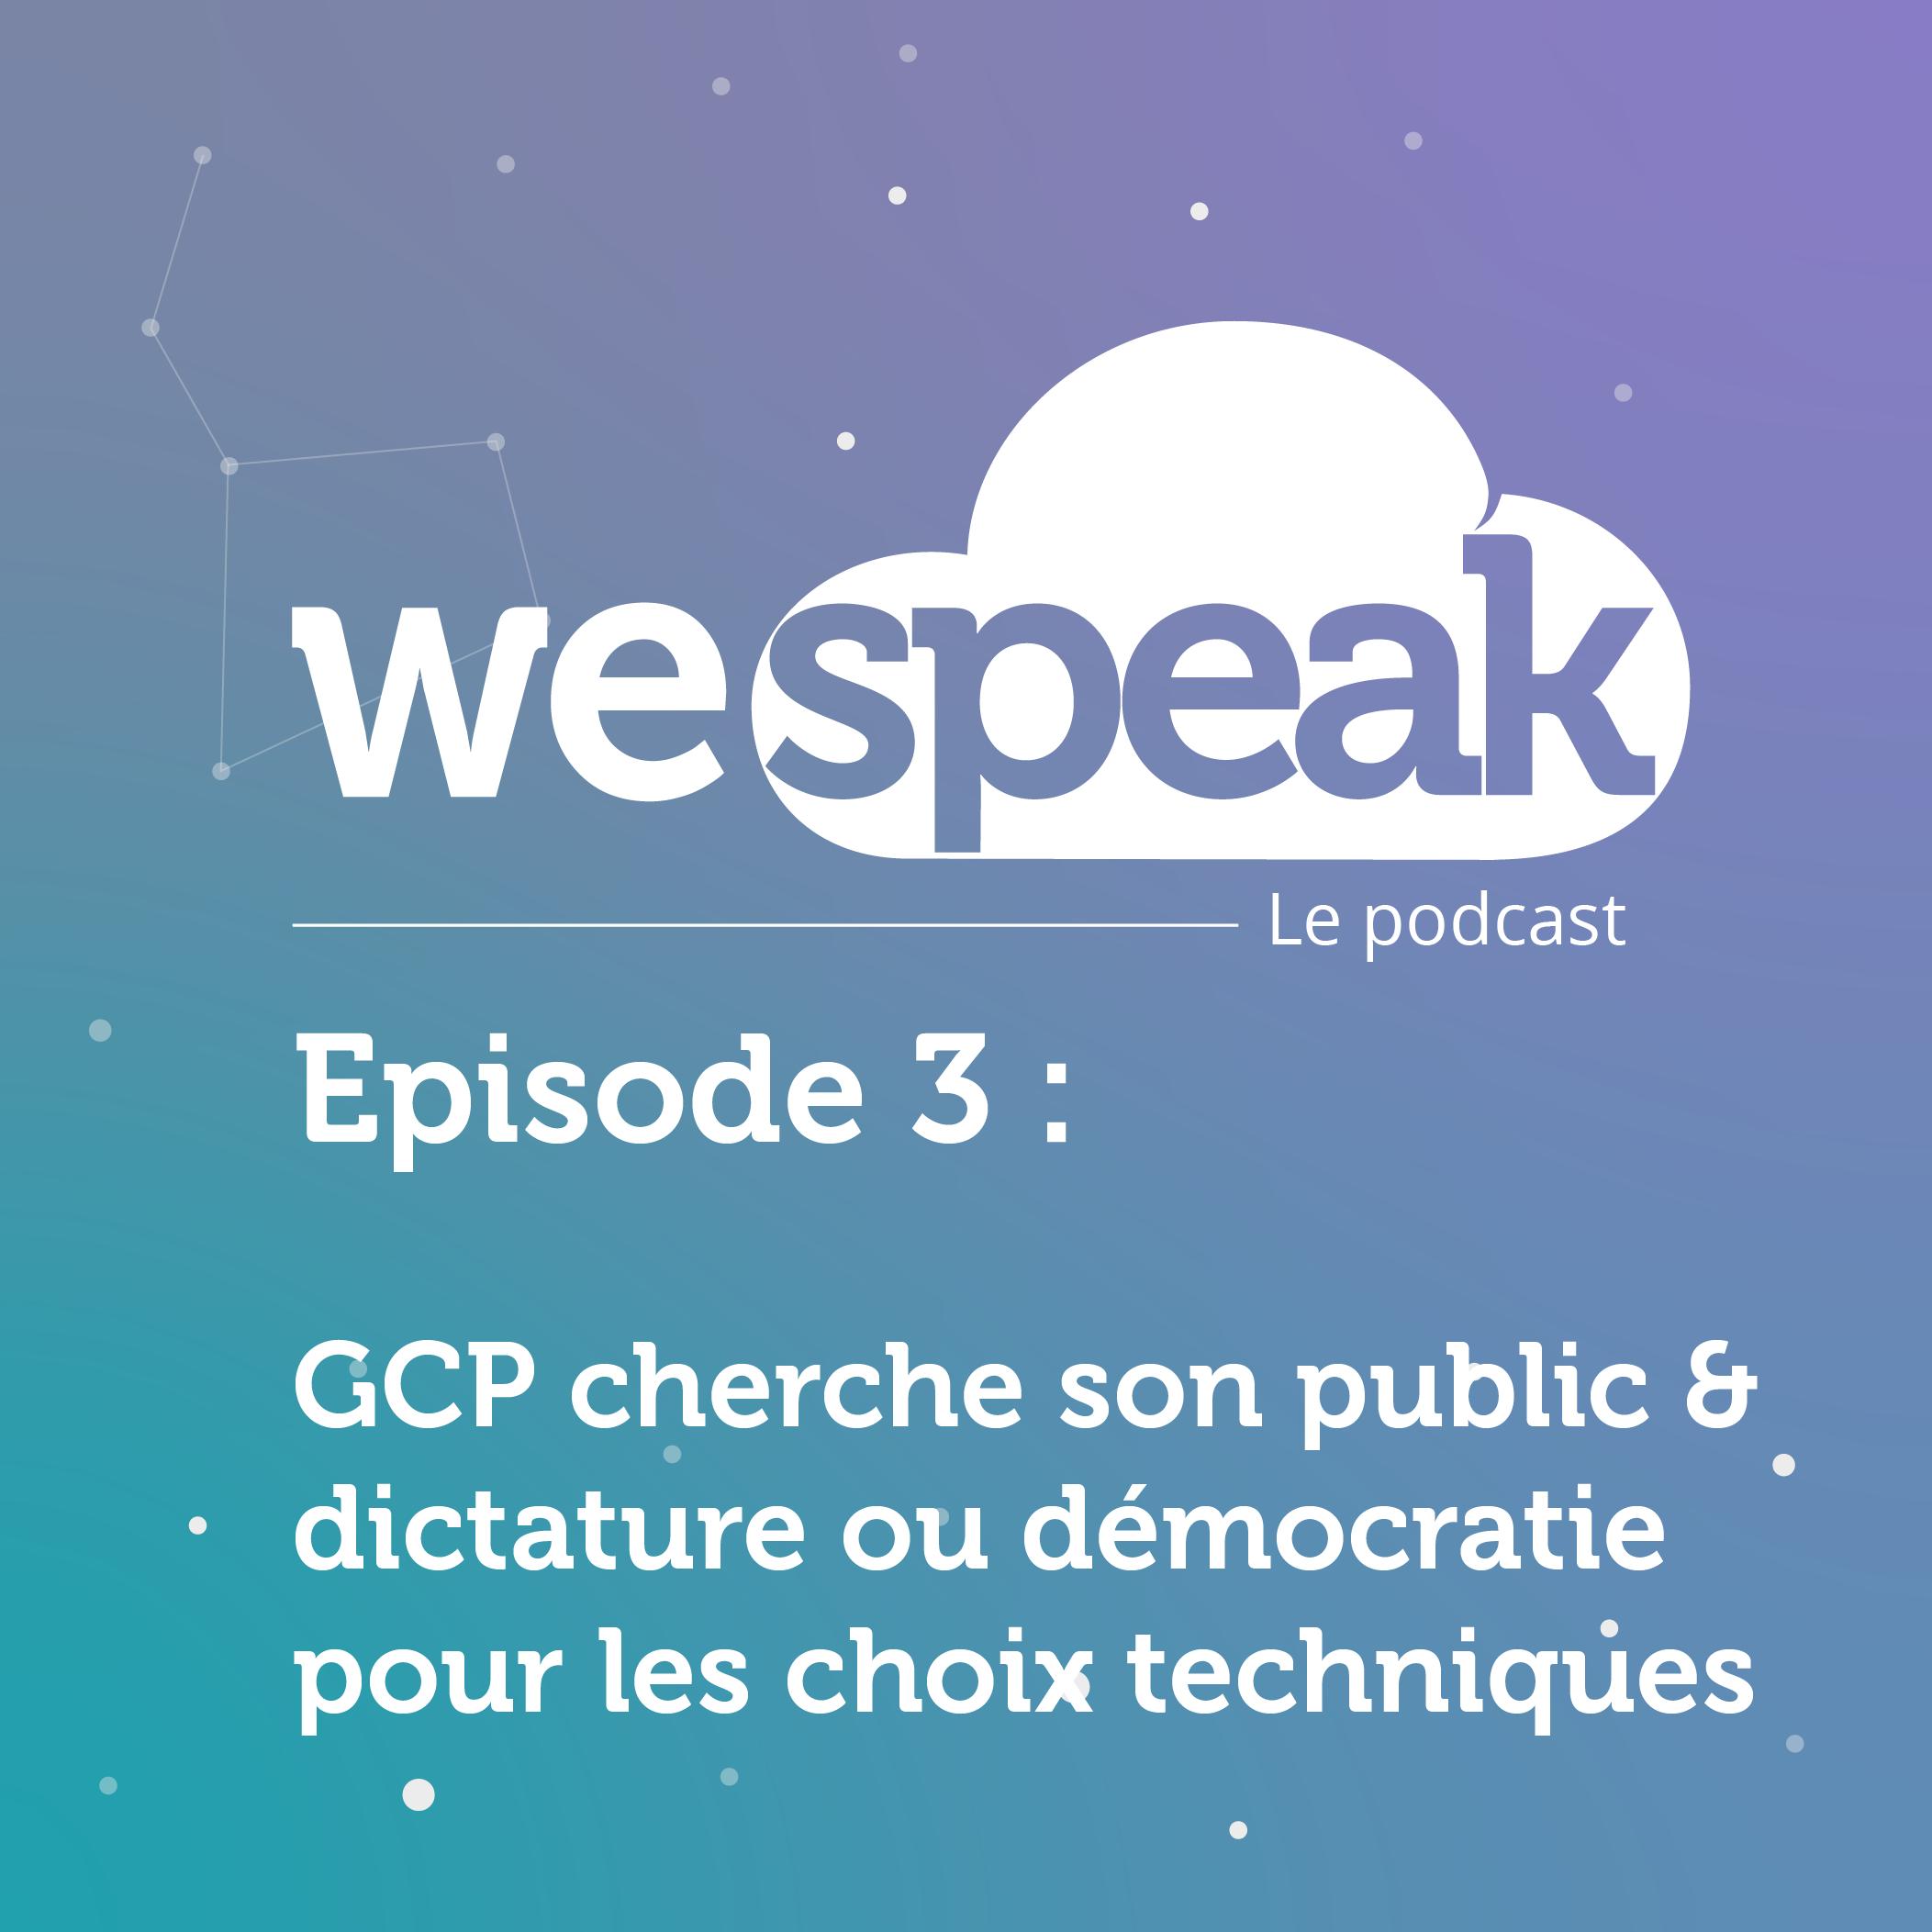 Épisode 3 : GCP cherche son public & dictature ou démocratie pour les choix techniques